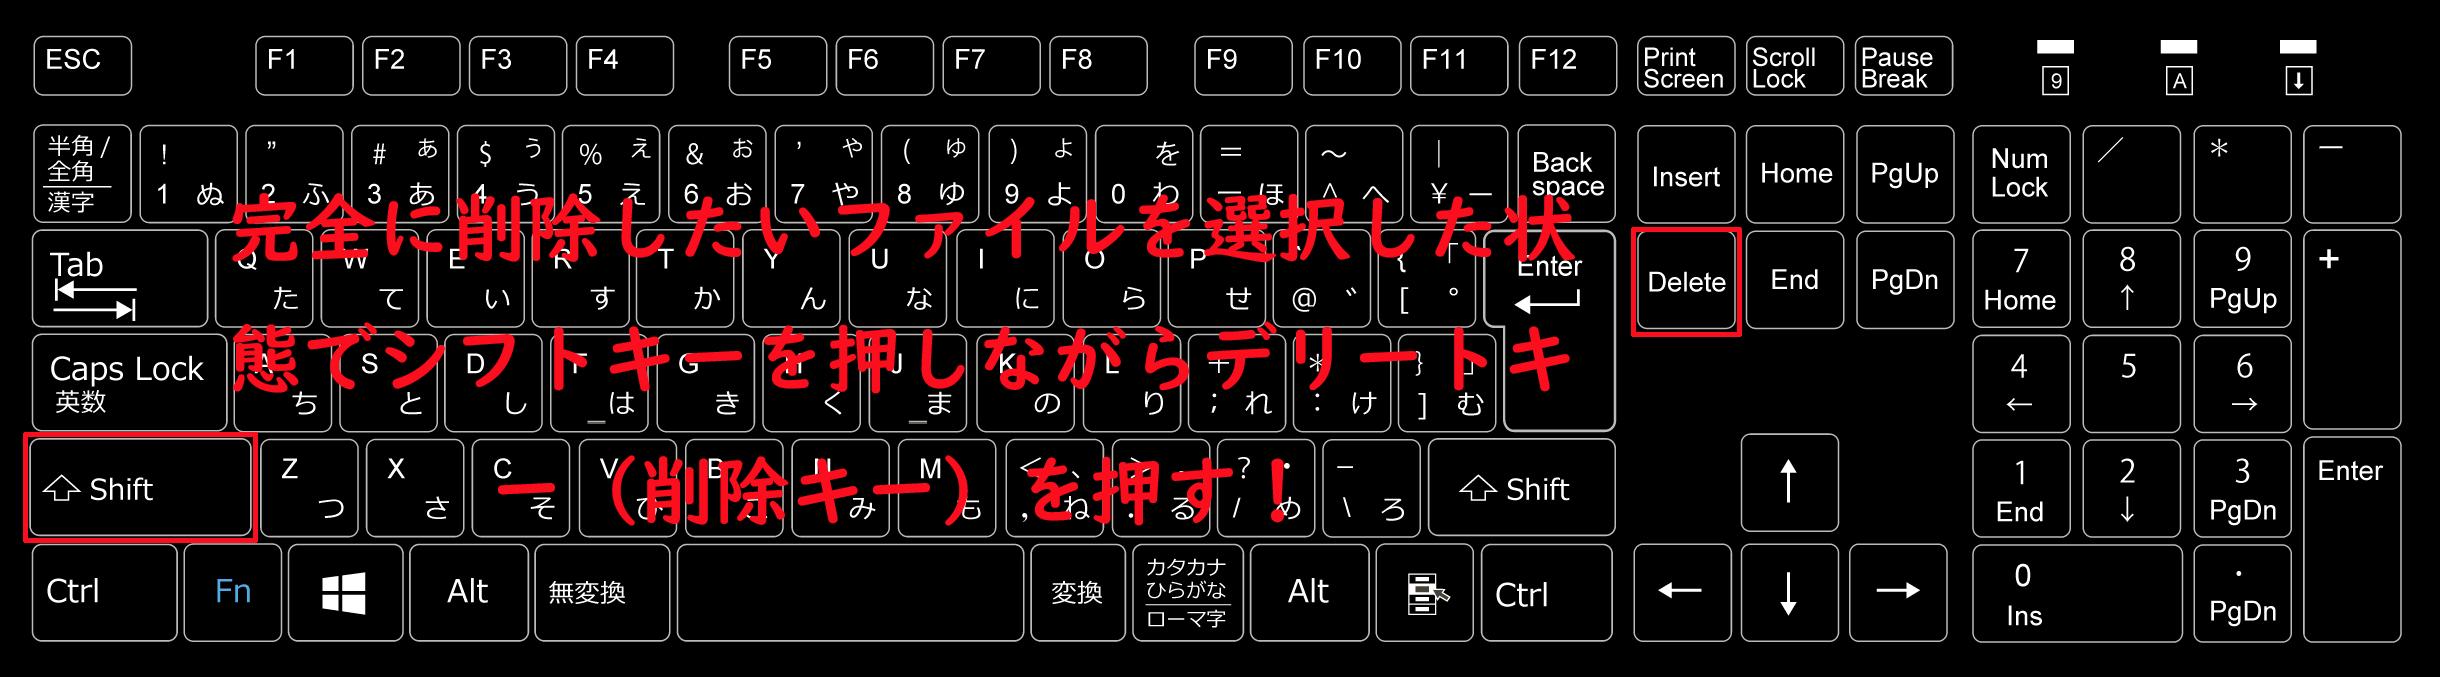 完全に削除したいファイルを選択した状態でシフトキーを押しながらデリートキー(削除キー)を押す!